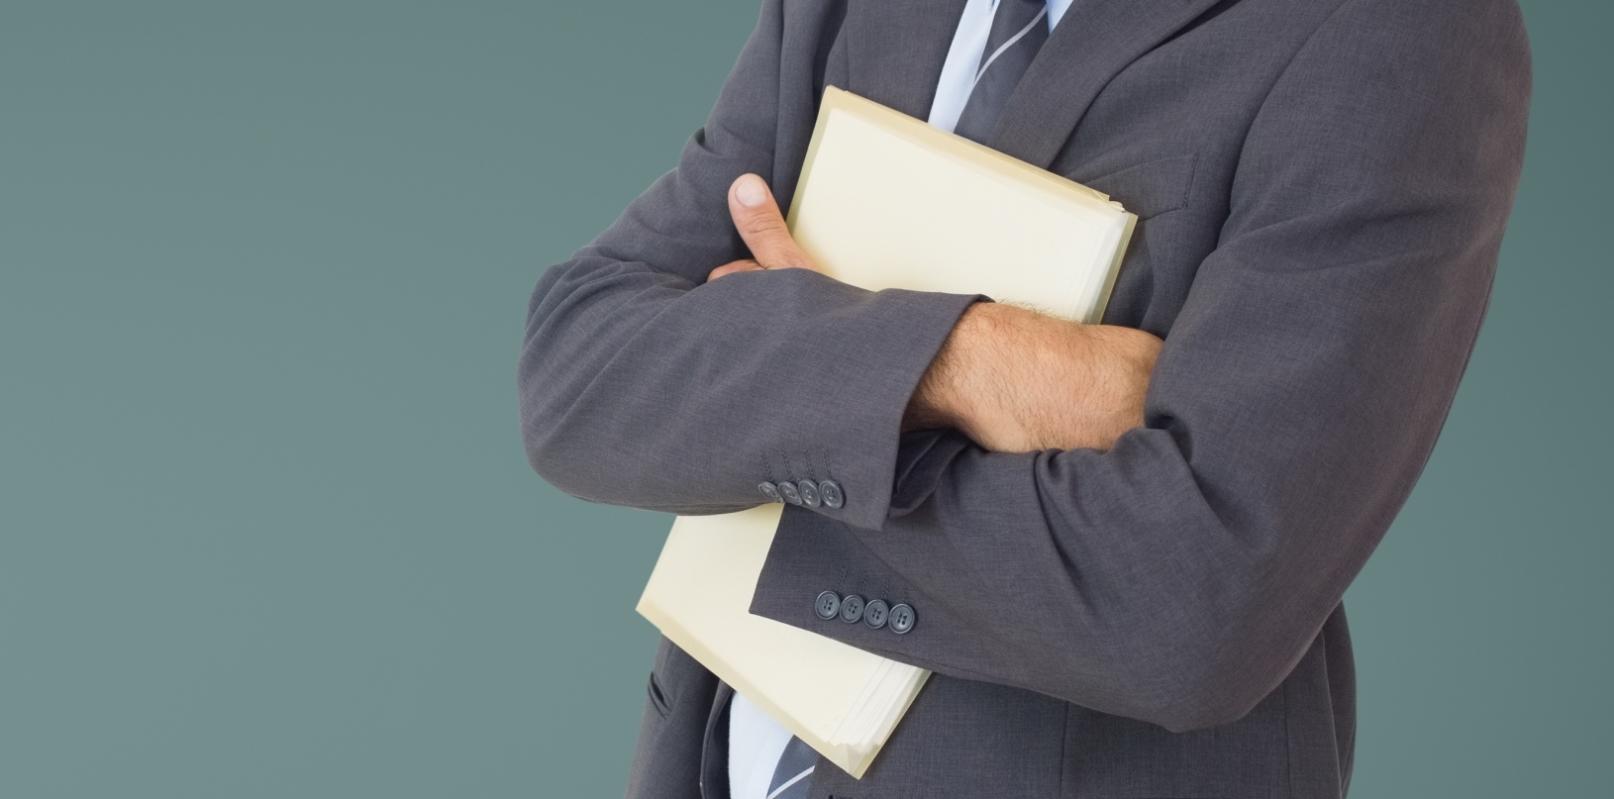 Скрылся учредитель-директор со всеми документами печатью и первичной документацией